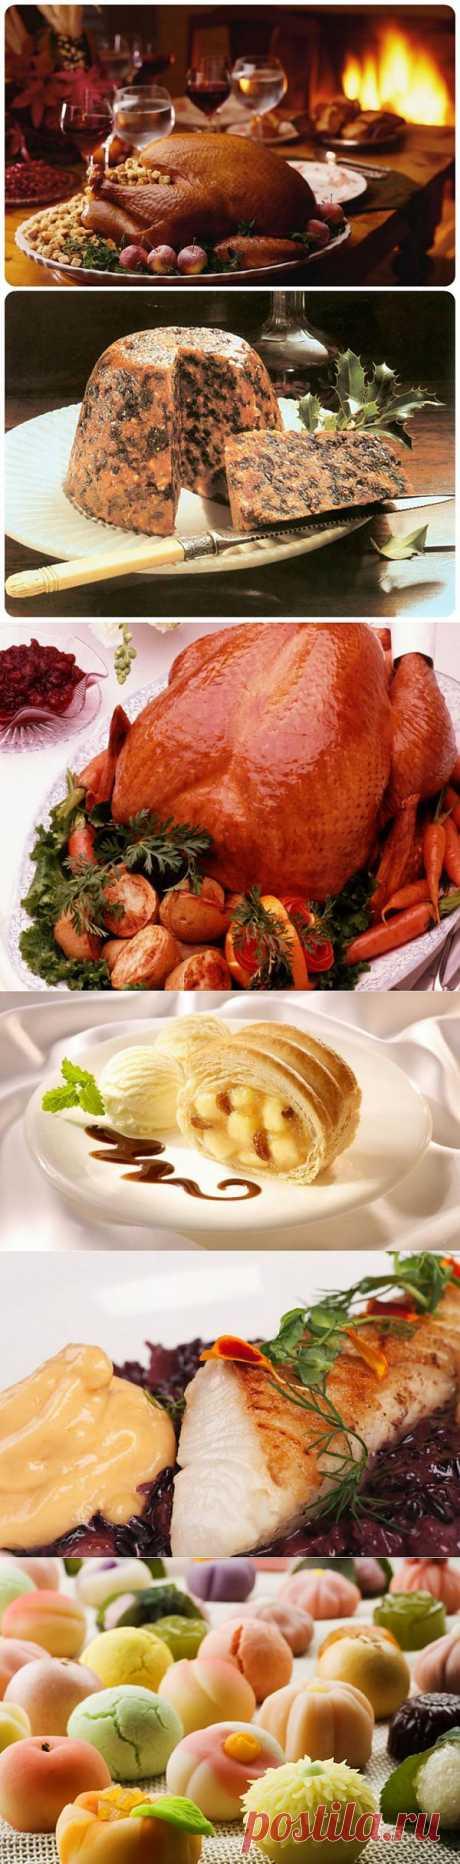 Los platos tradicionales de Año Nuevo de los países diferentes del mundo | el Ultramarino